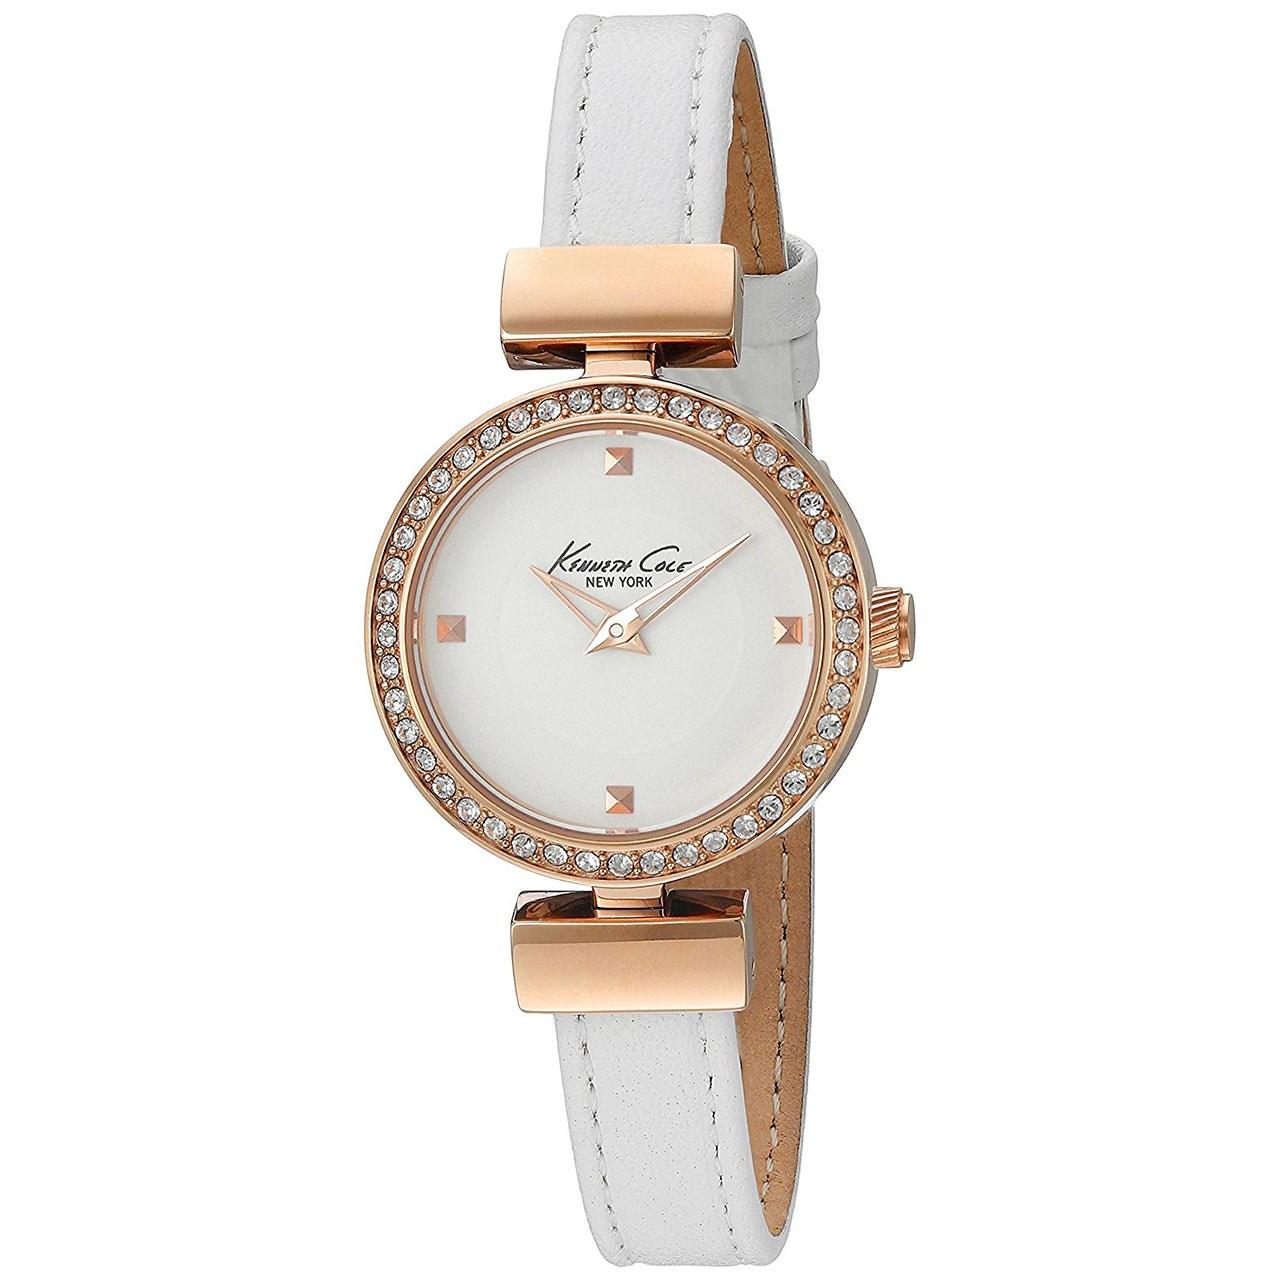 ساعت مچی عقربه ای زنانه کنت کول مدل KC10022302